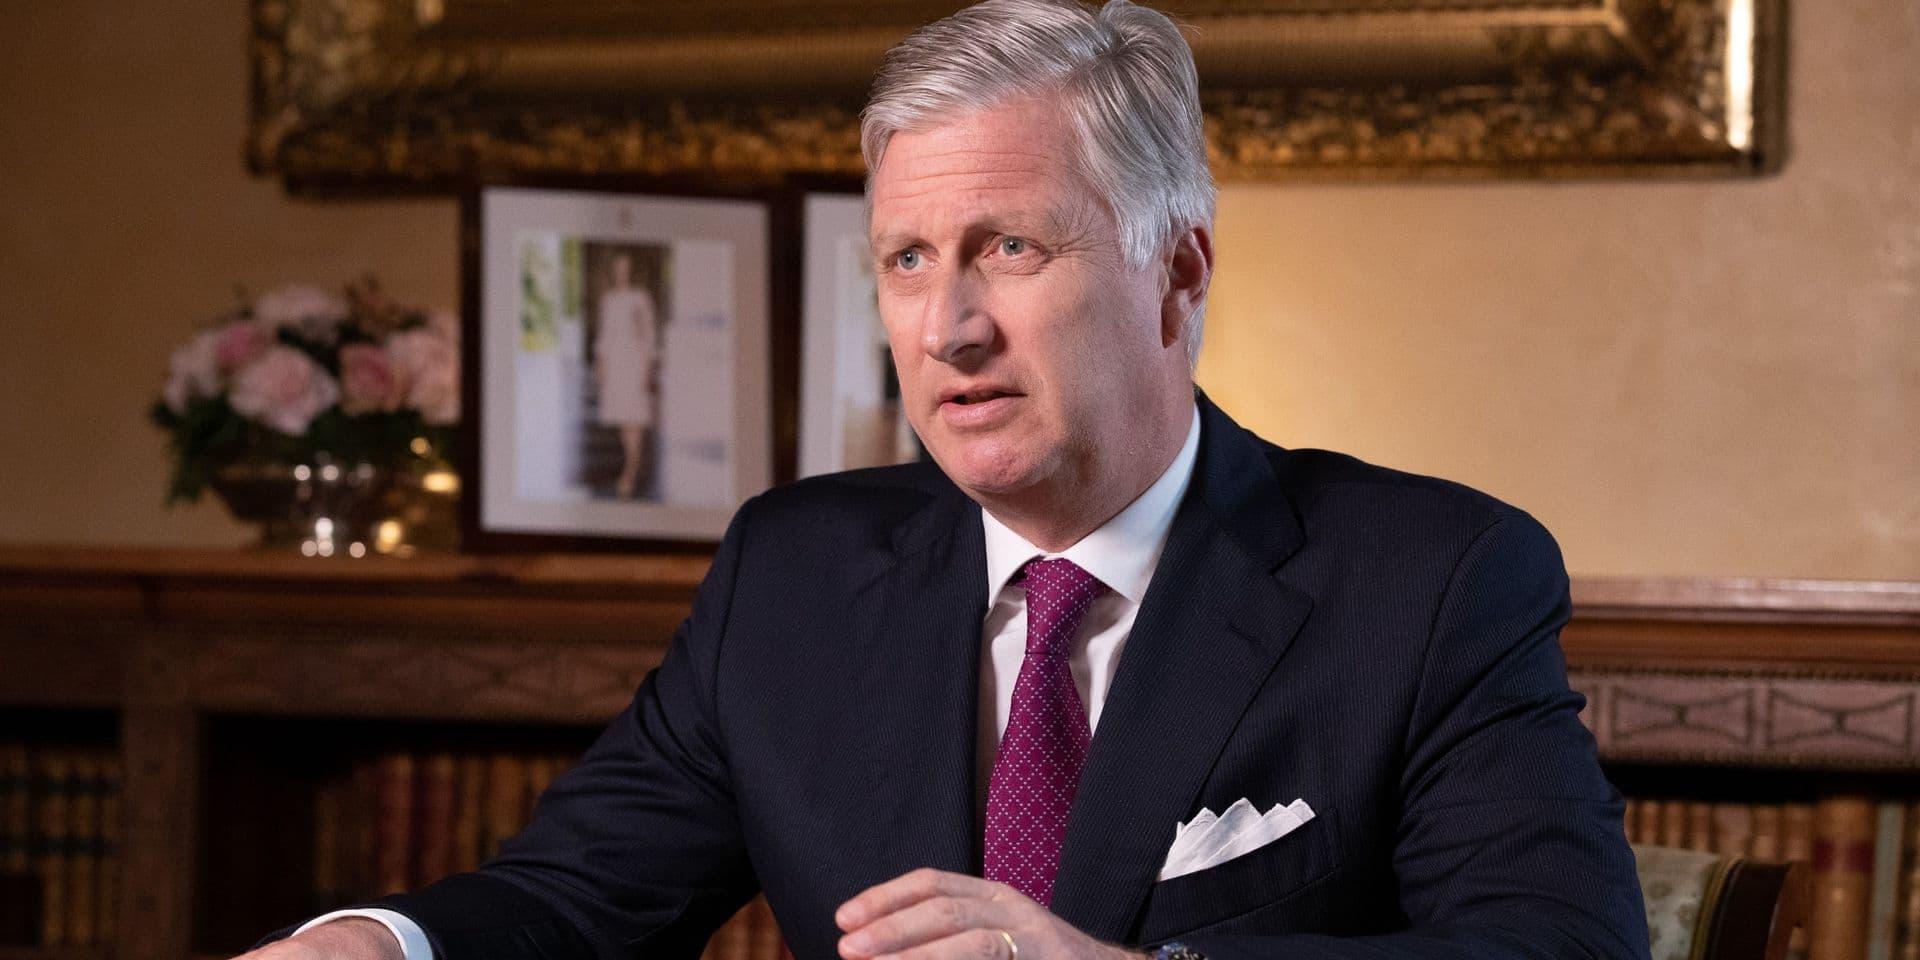 Le roi Philippe en conversation Skype avec des chercheurs de la KULeuven